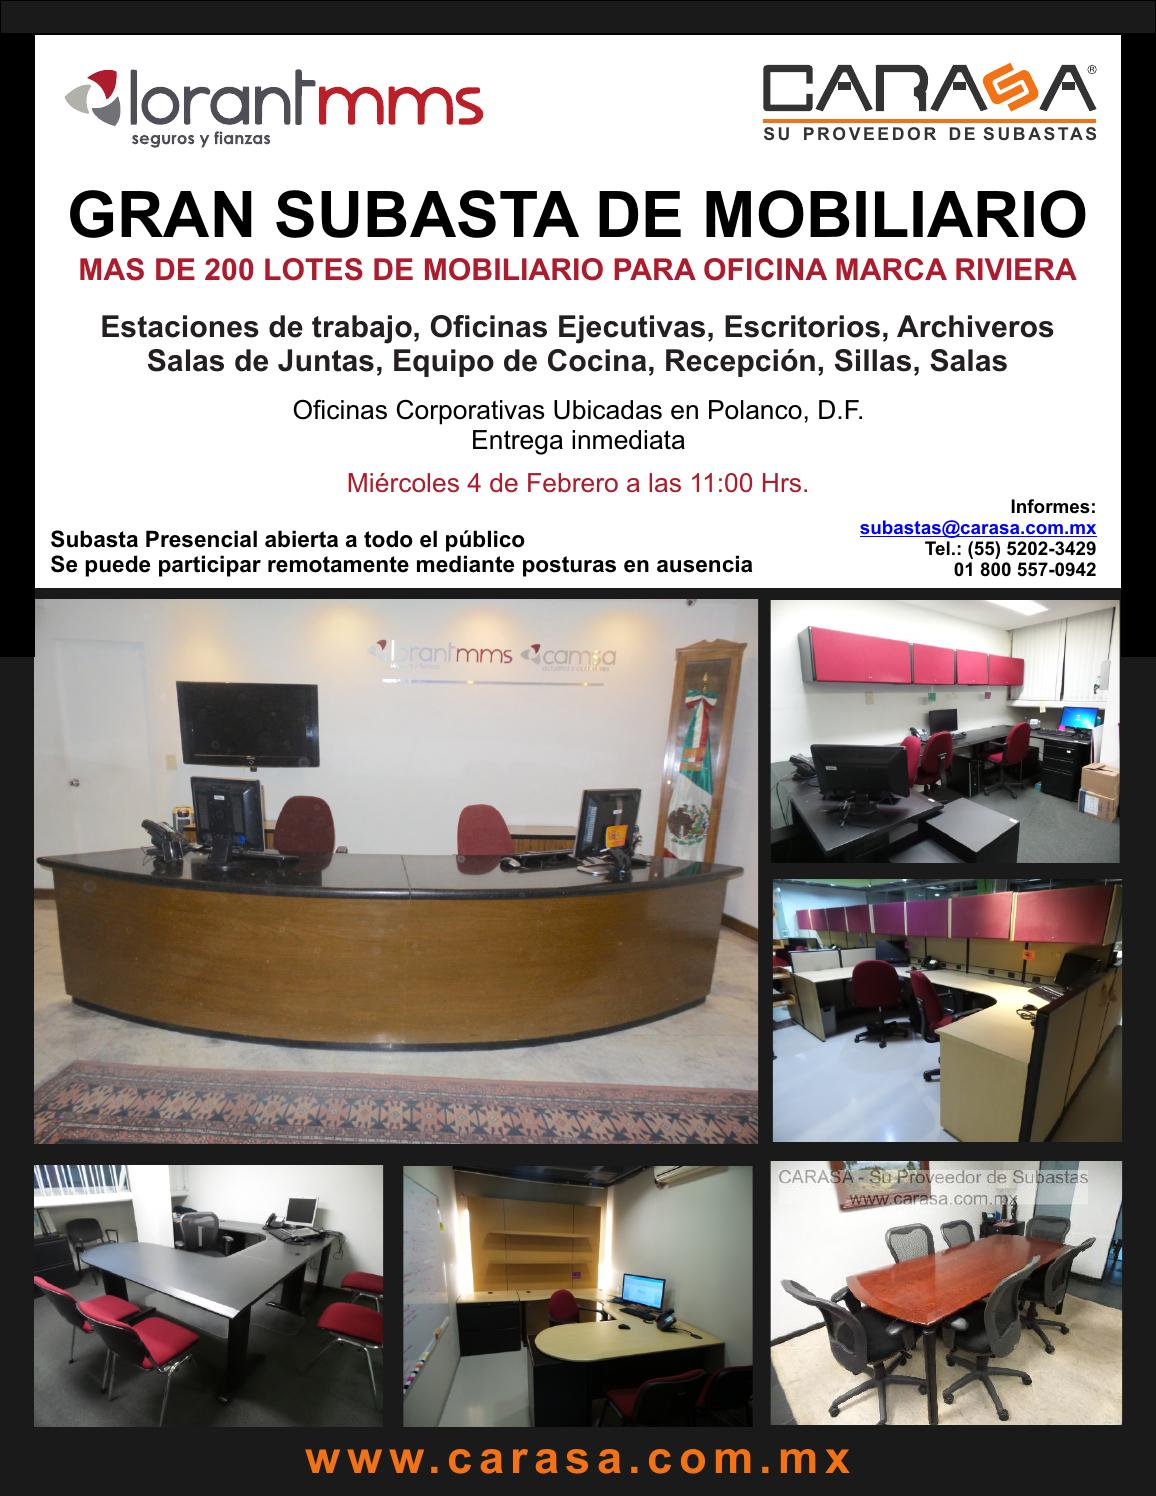 Subasta de mobiliario y equipo de oficina lorantmms by for Mobiliario y equipo de oficina